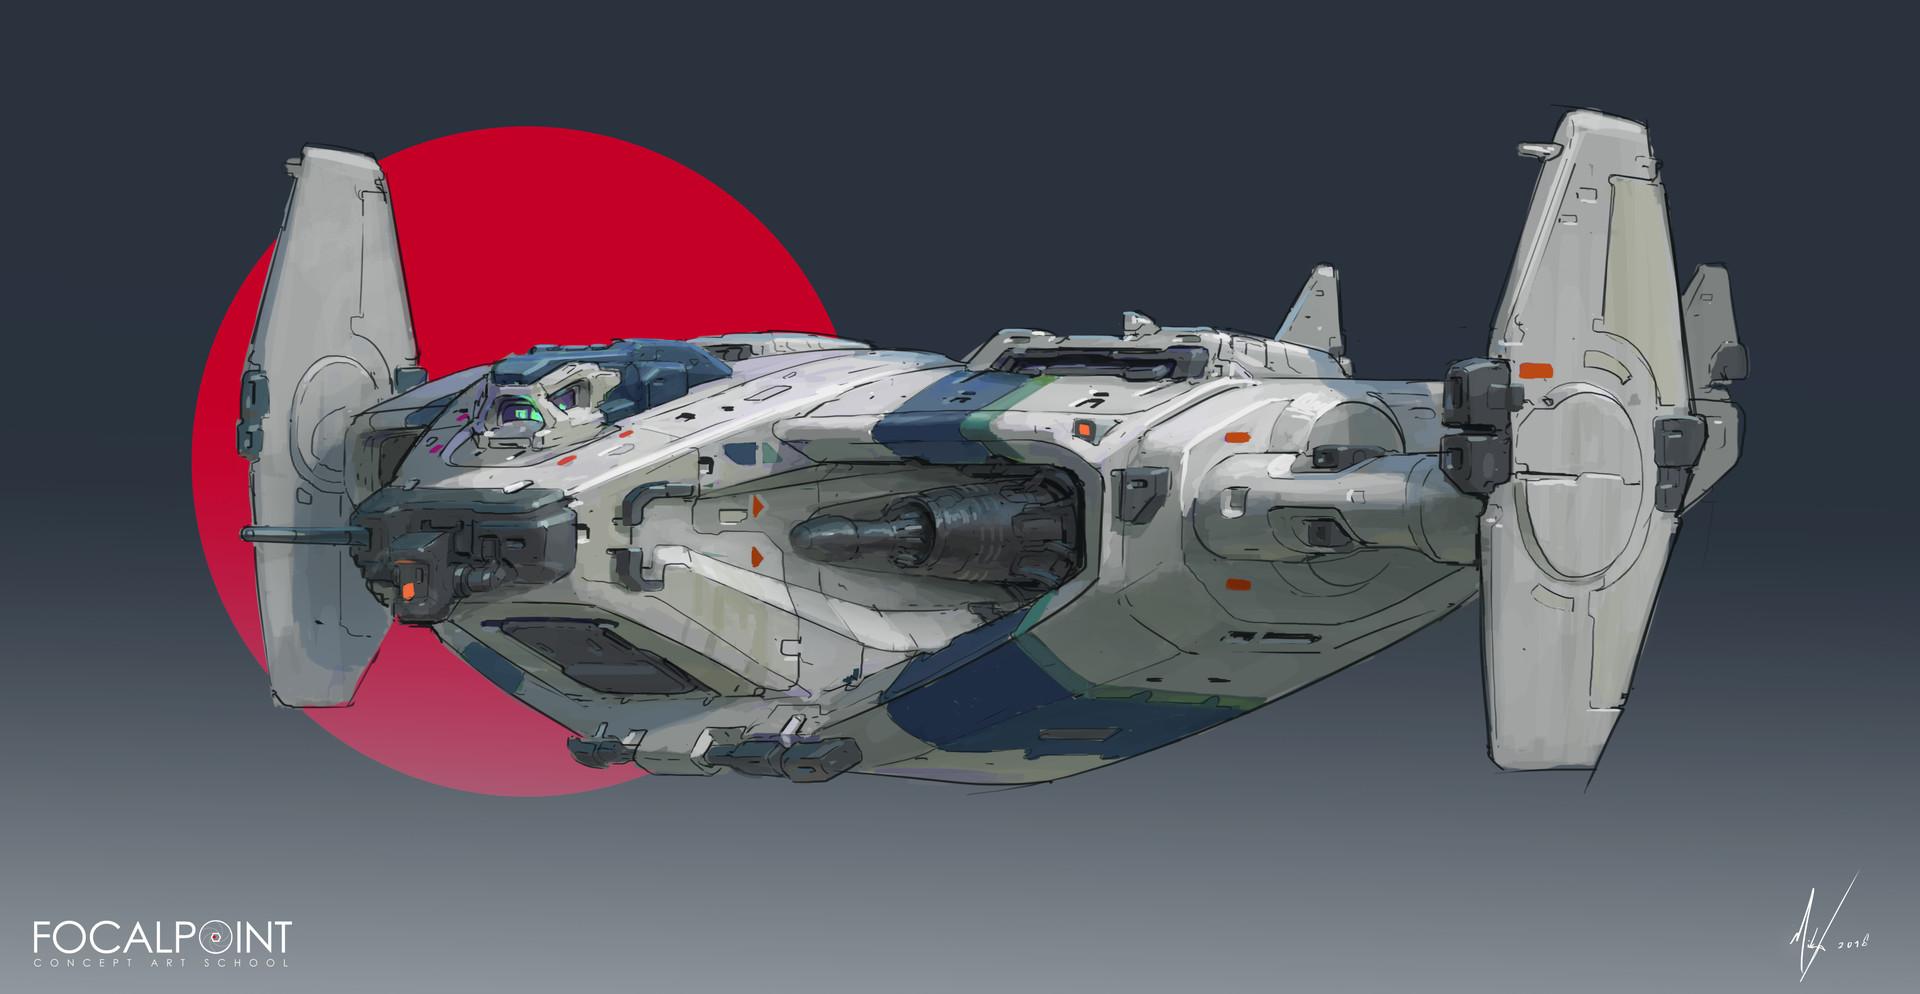 michal-kus-fp-spaceship-demo-3.jpg?15338